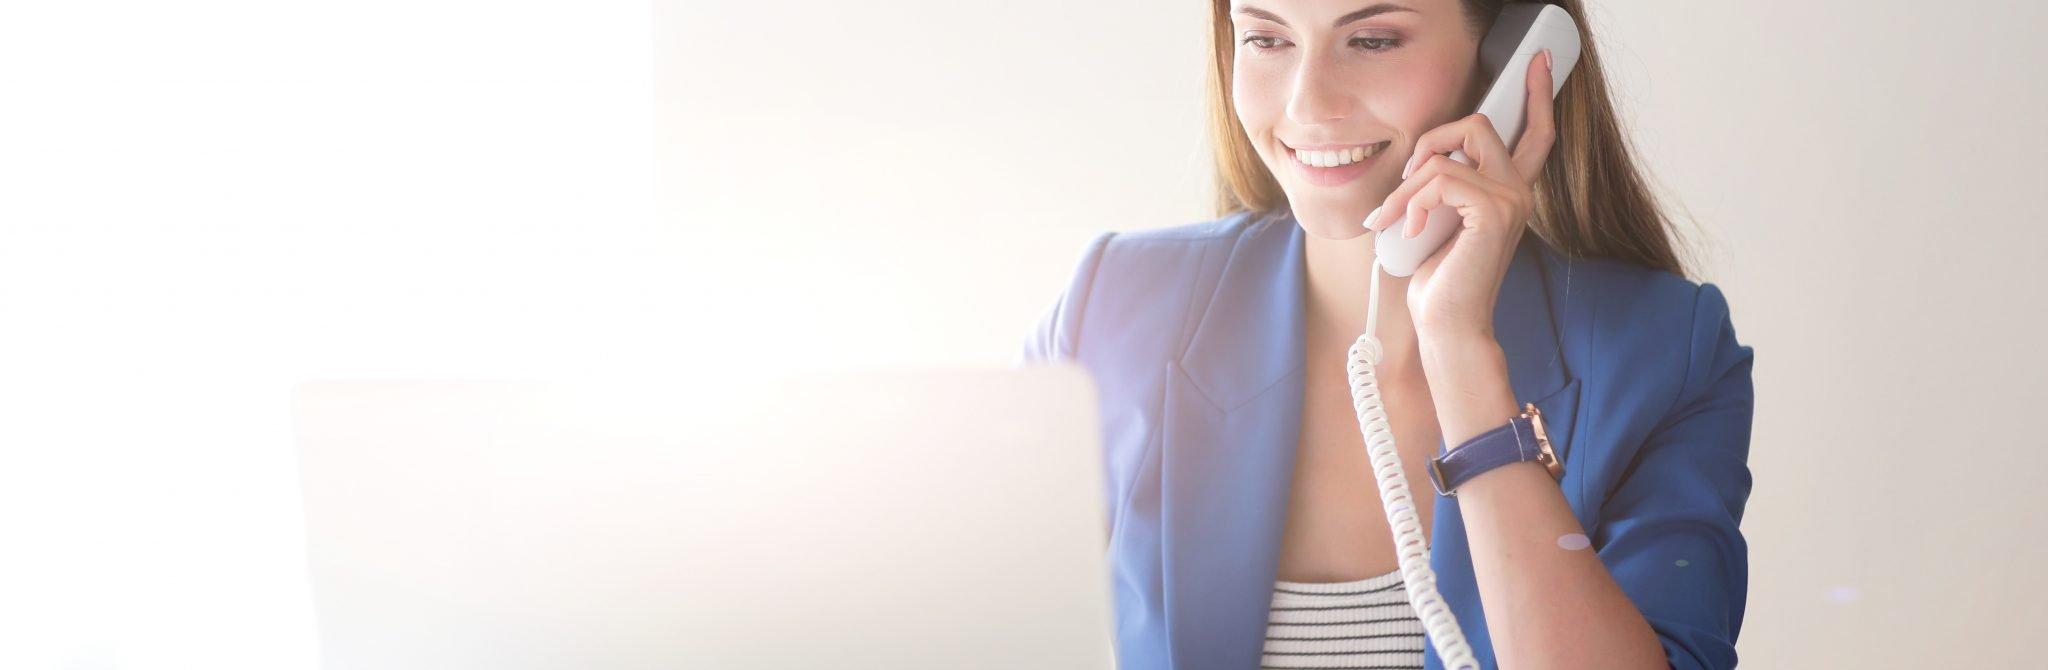 Eine junge Frau sitzt vor ihrem Laptop und hat den Telefonhörer in der Hand